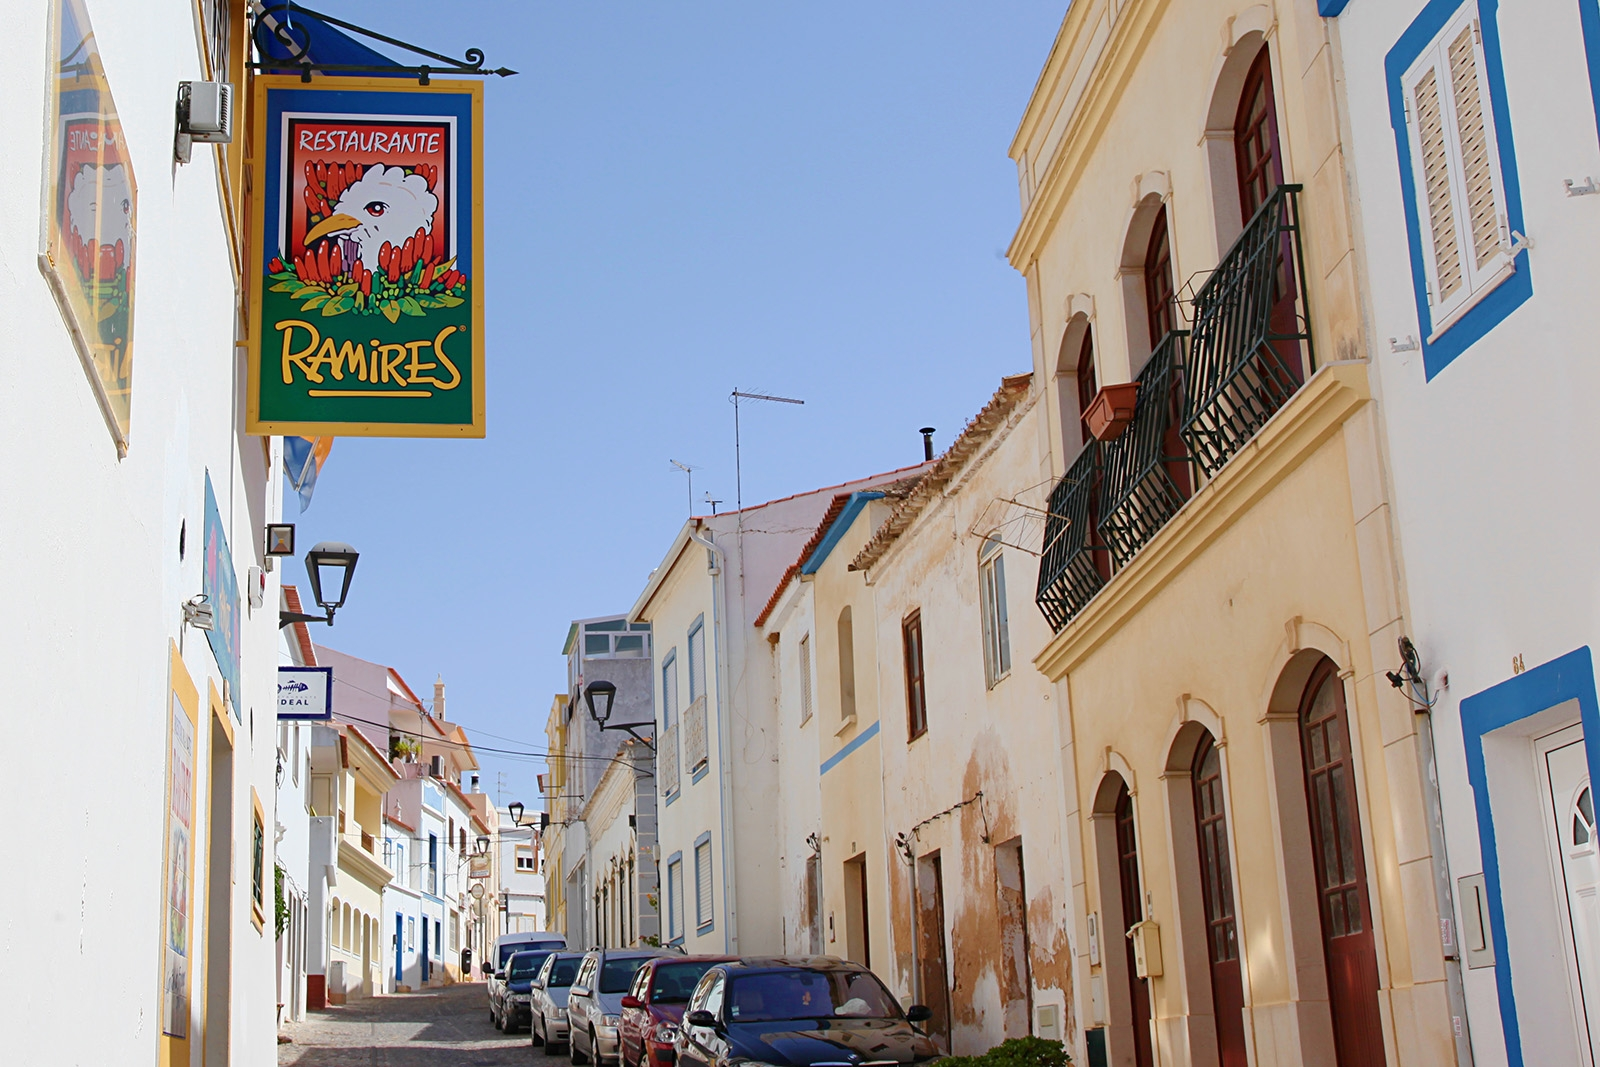 Vyhlášená restaurace Ramires u Albufiery v Guia